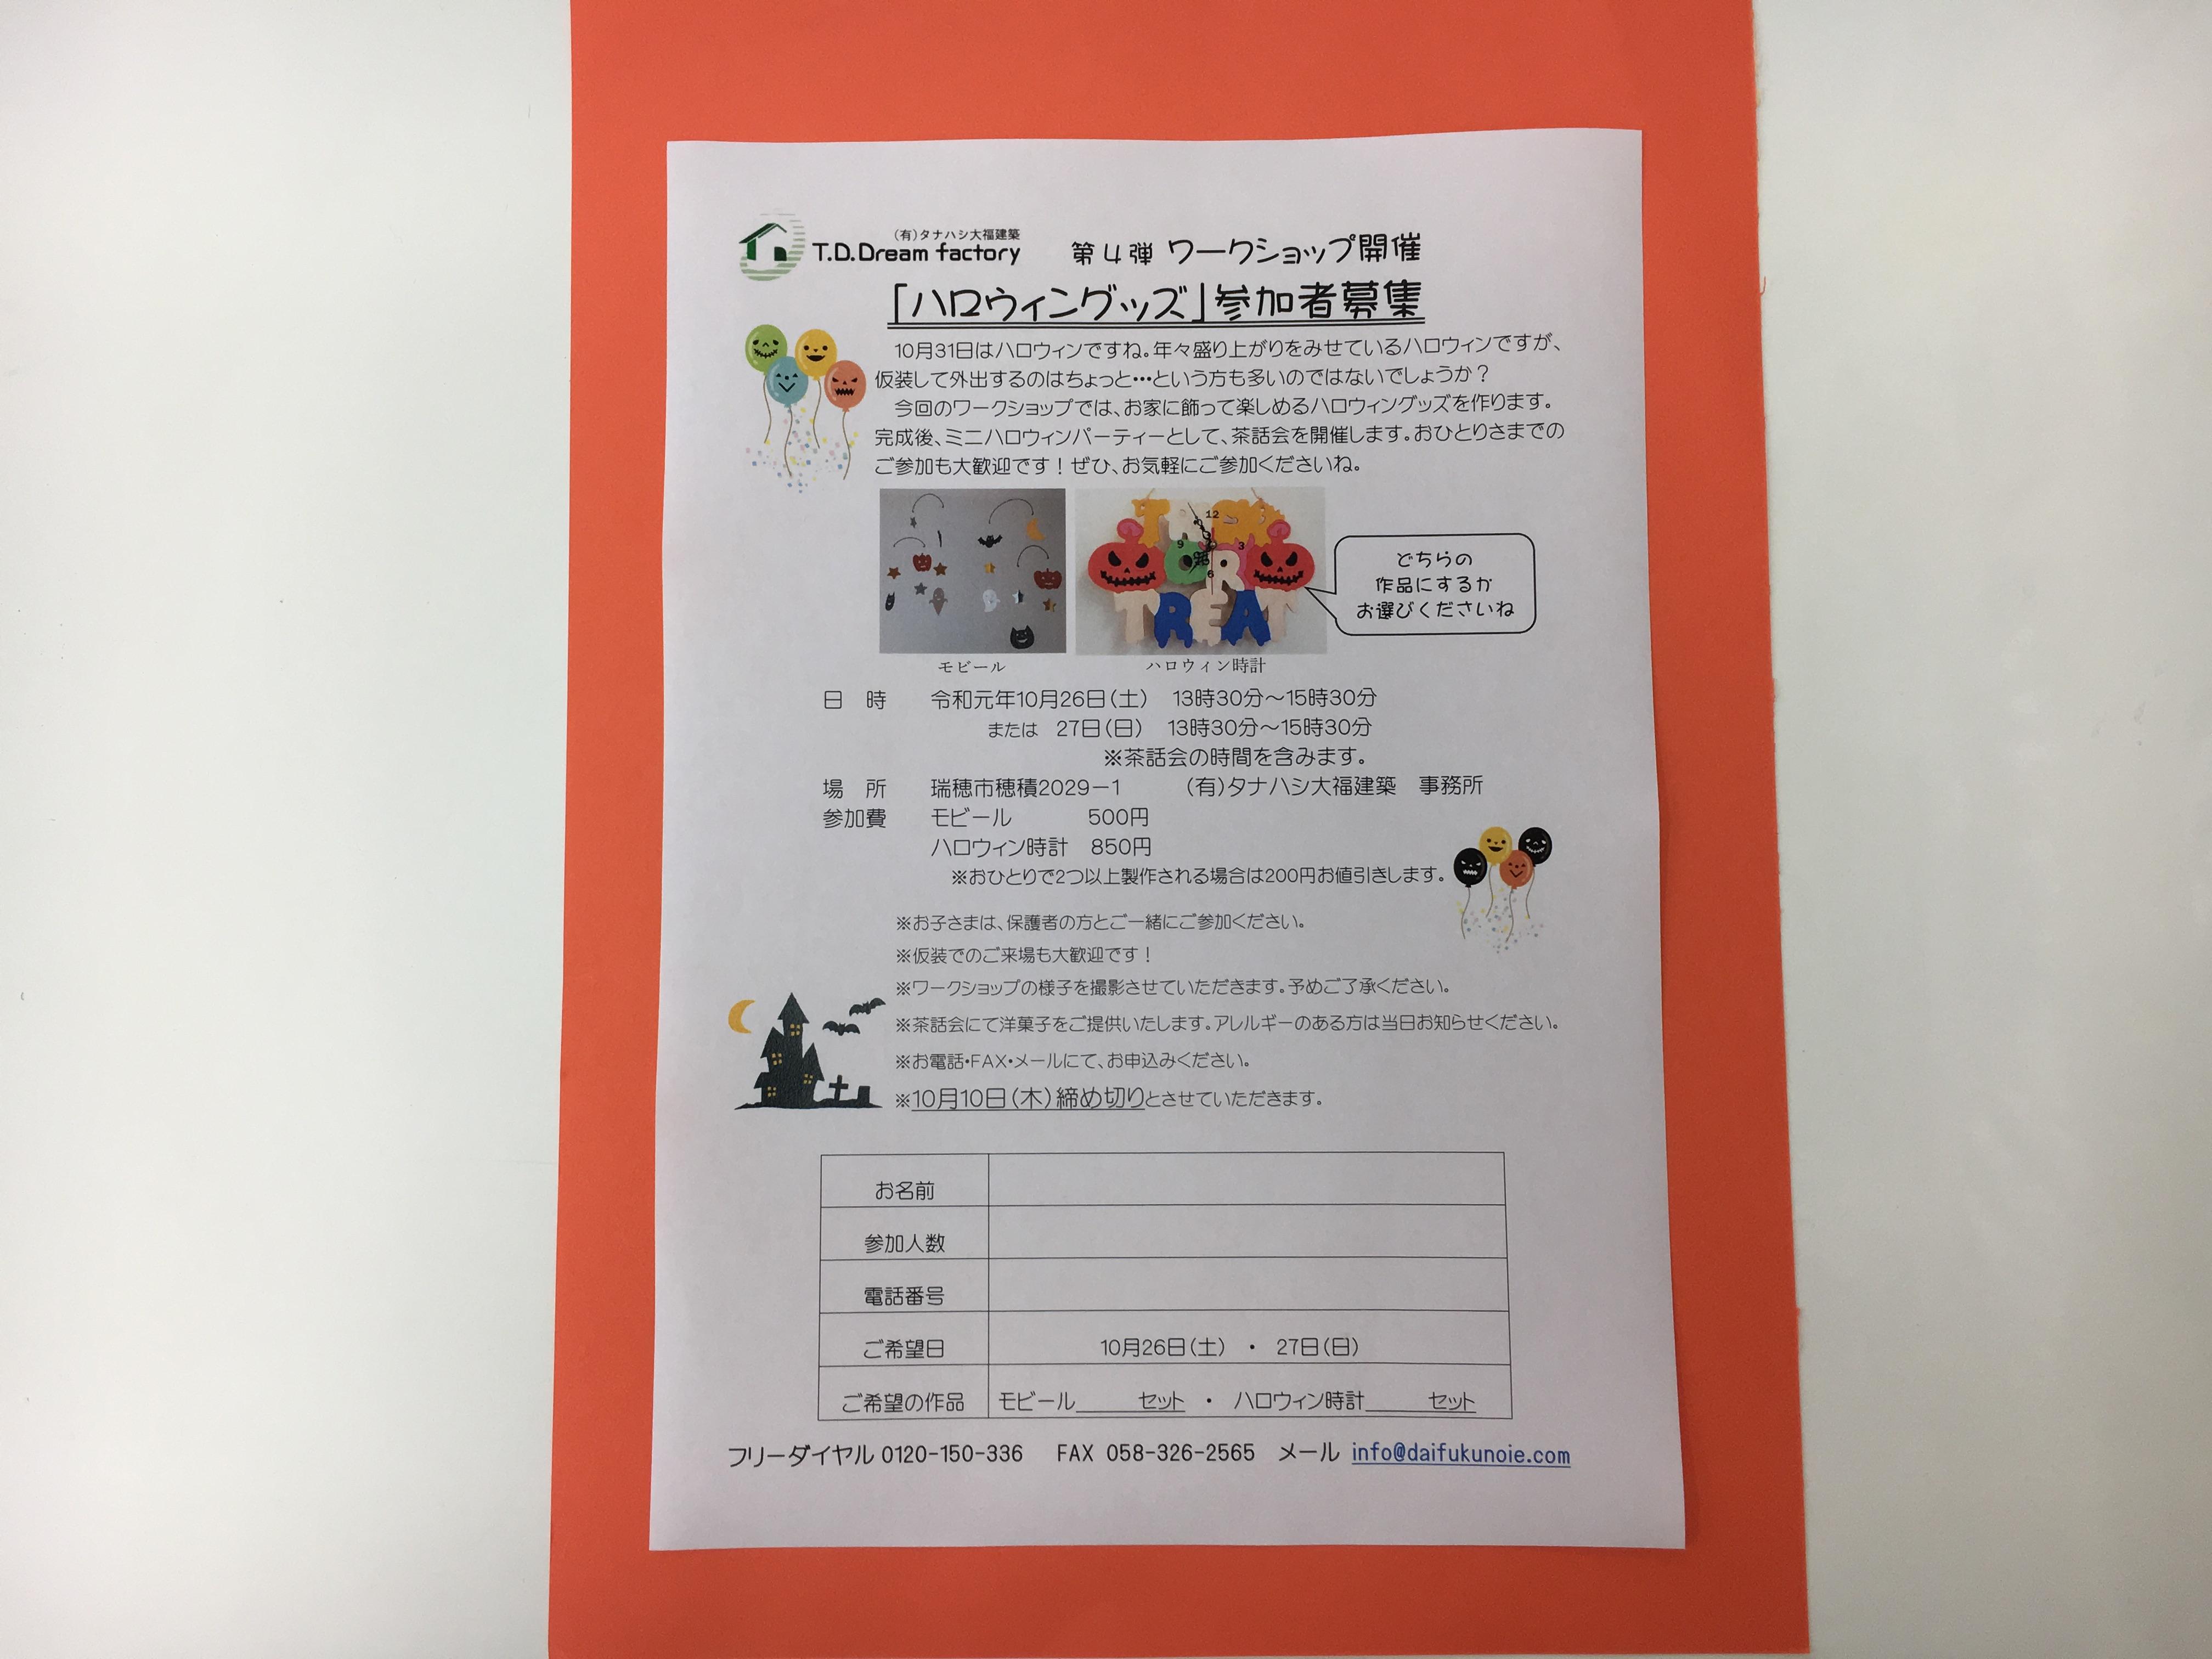 第4弾 ワークショップ 「ハロウィングッズ」開催します!